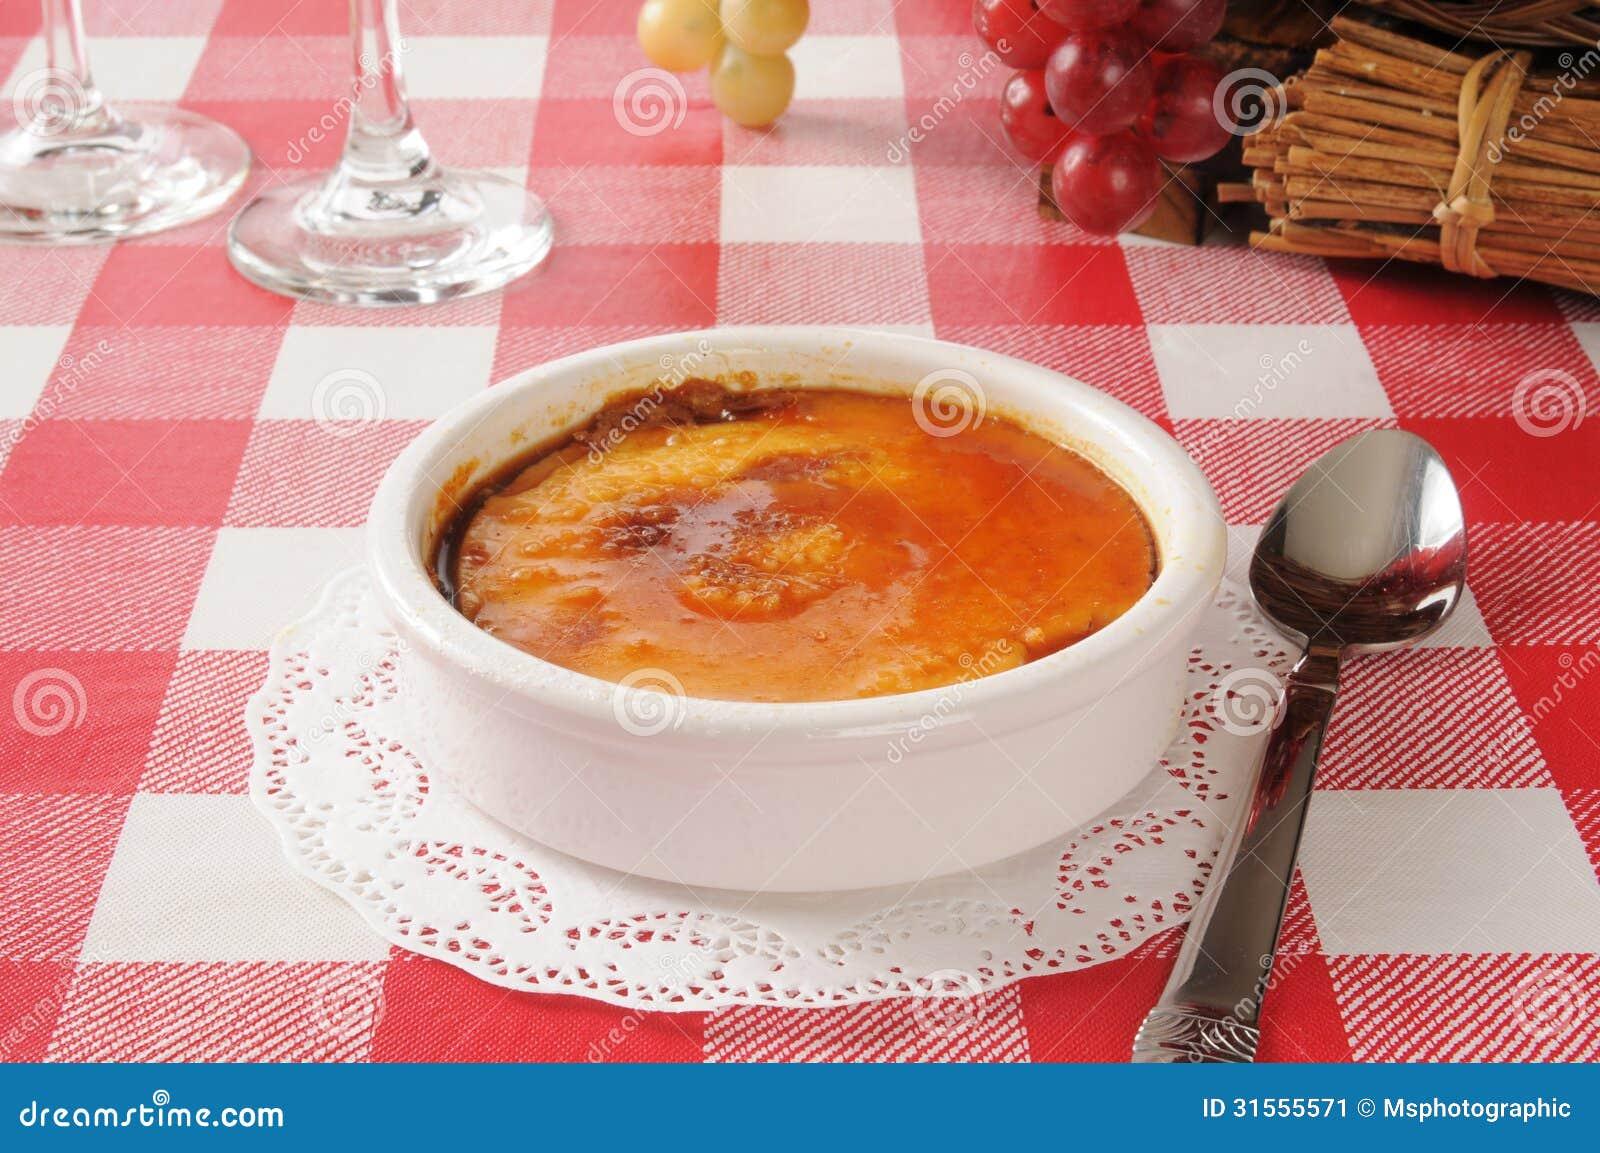 Creme Brulee w białym ramekin